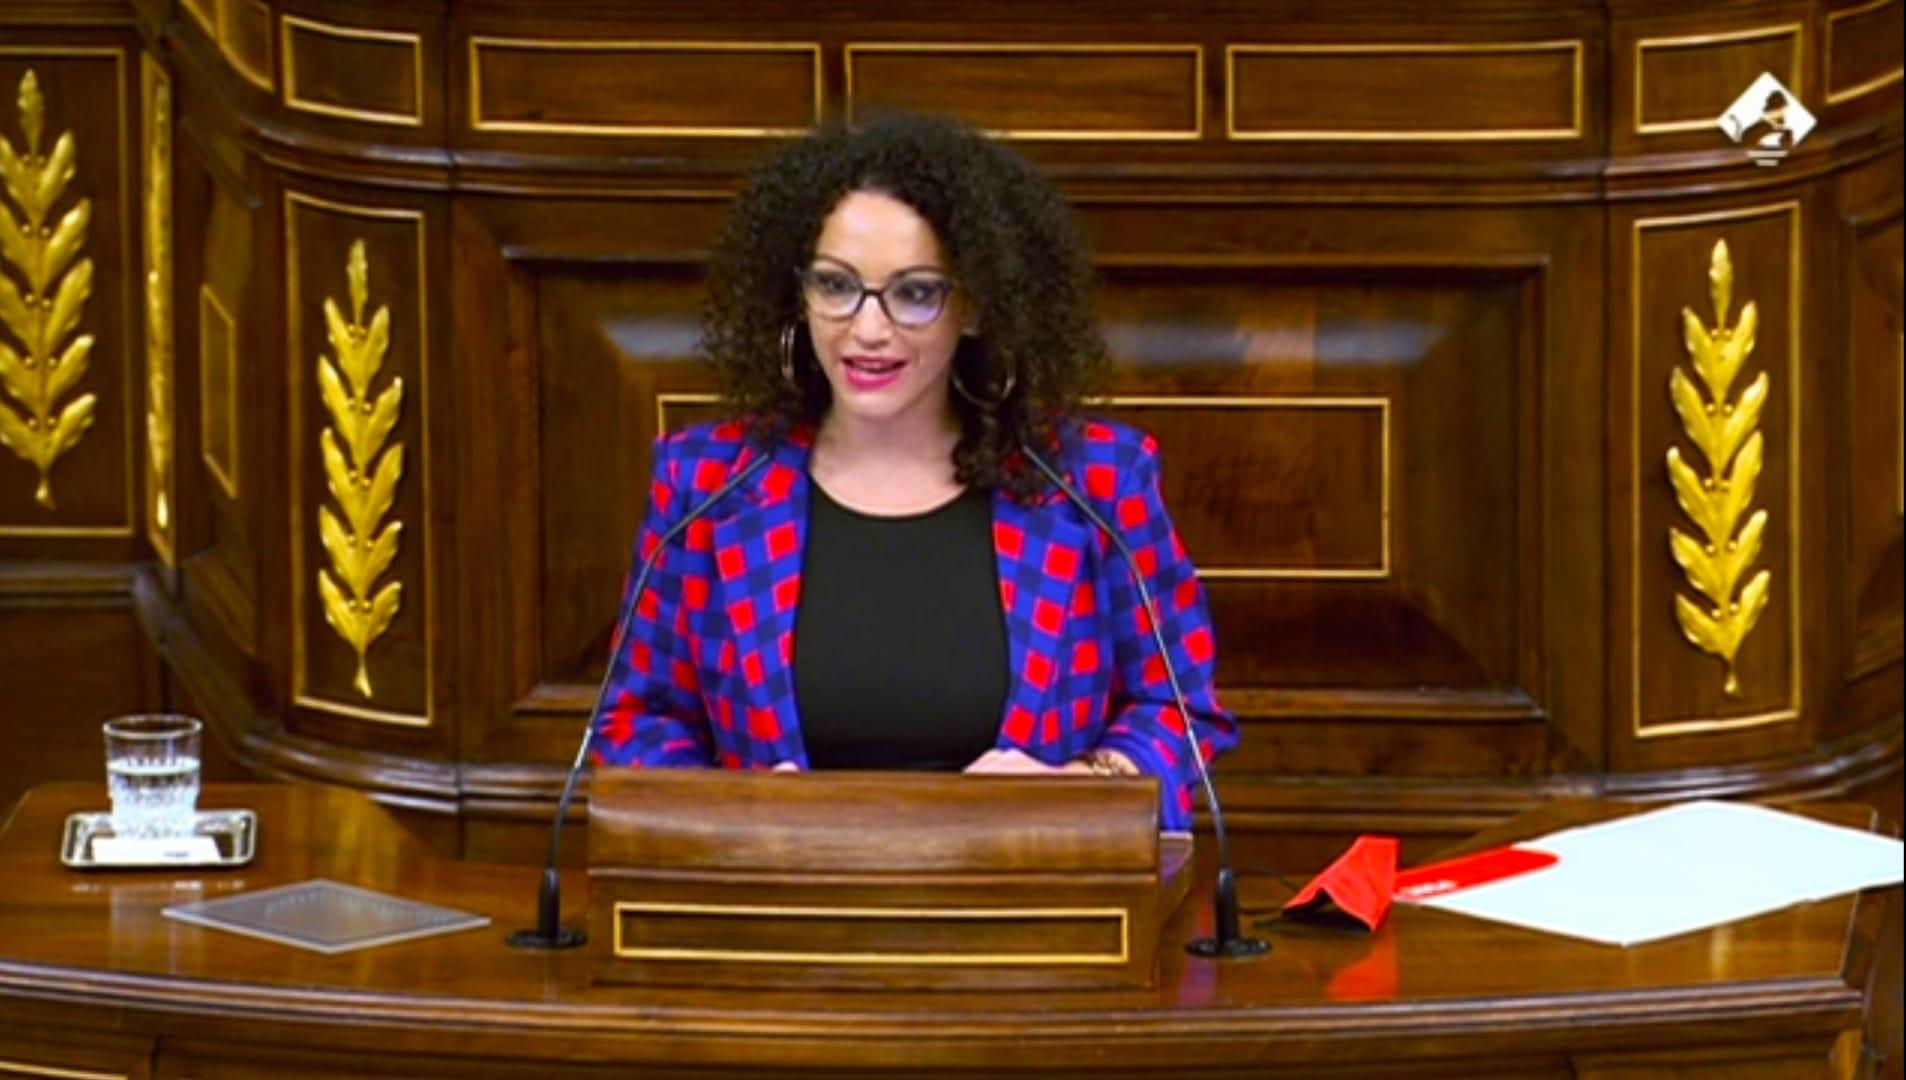 Vilches apunta desde el Congreso que el PSOE y el Gobierno trabajan en una reforma de la financiación autonómica que garantice la igualdad de oportunidades